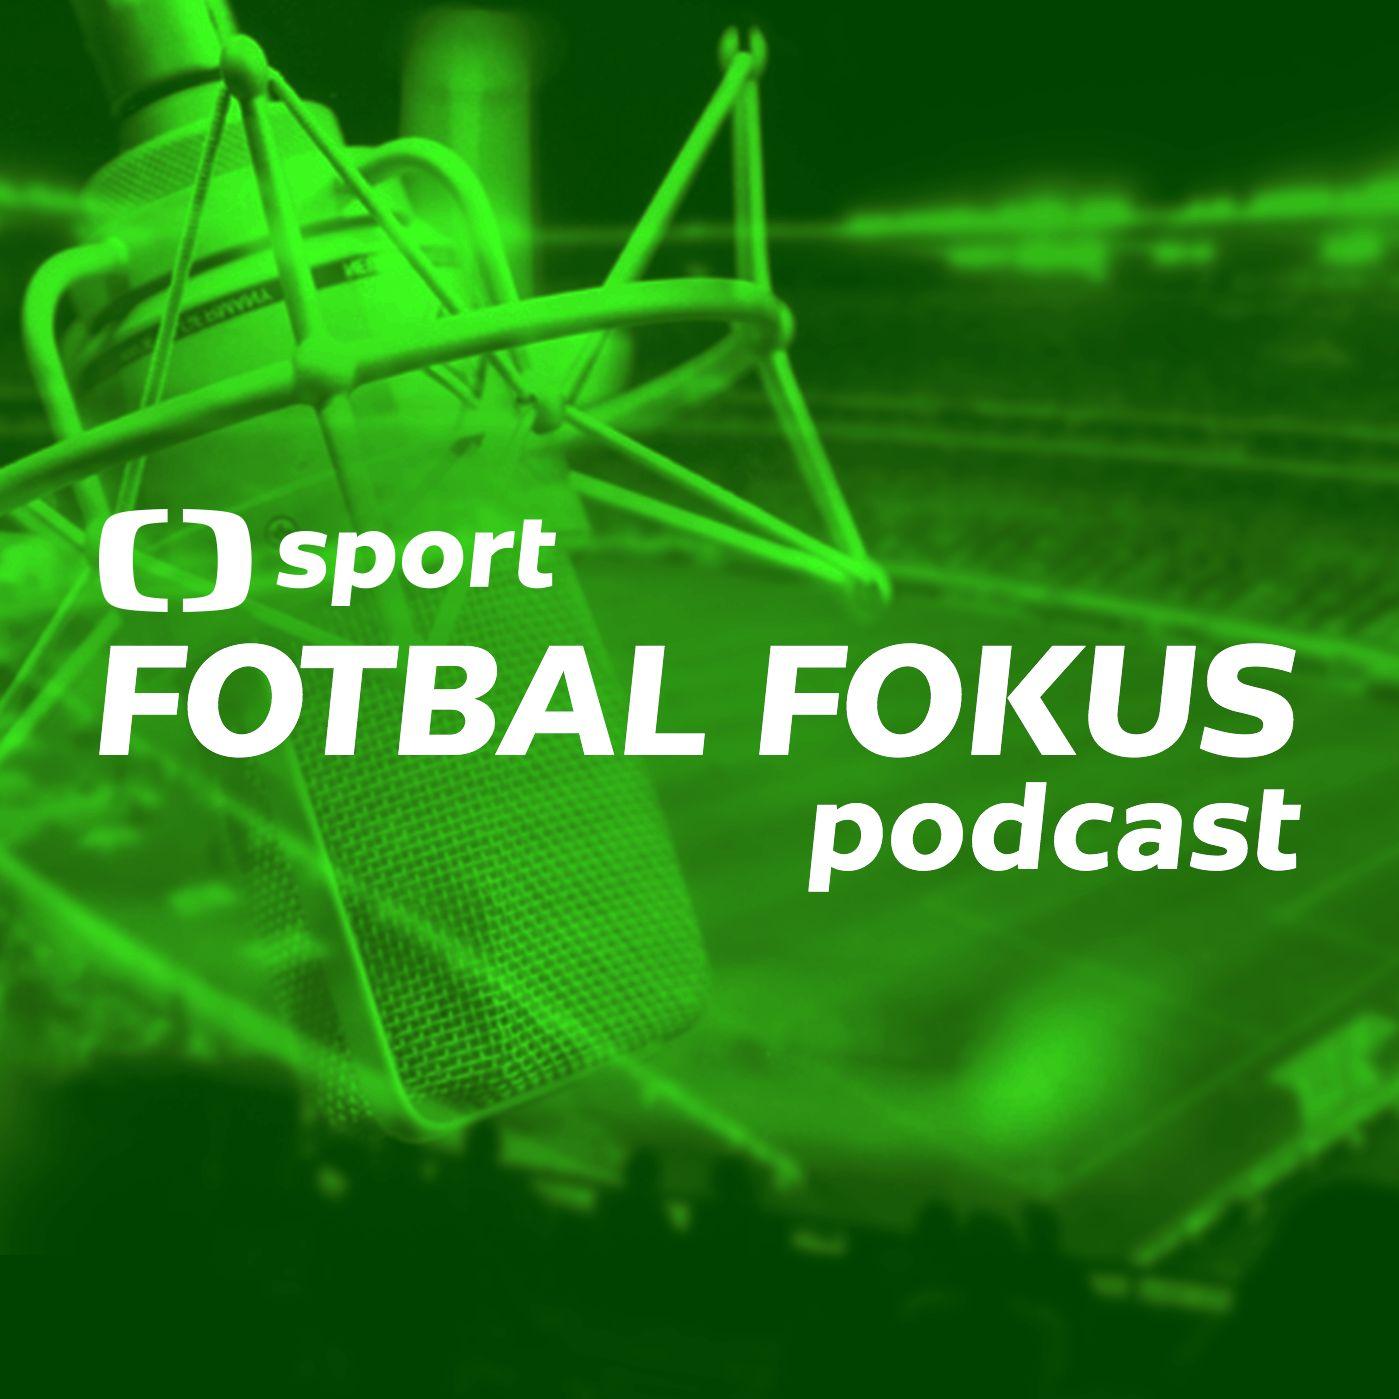 Fotbal fokus podcast: Může kauza s Peltou a FAČR zruinovat český fotbal?